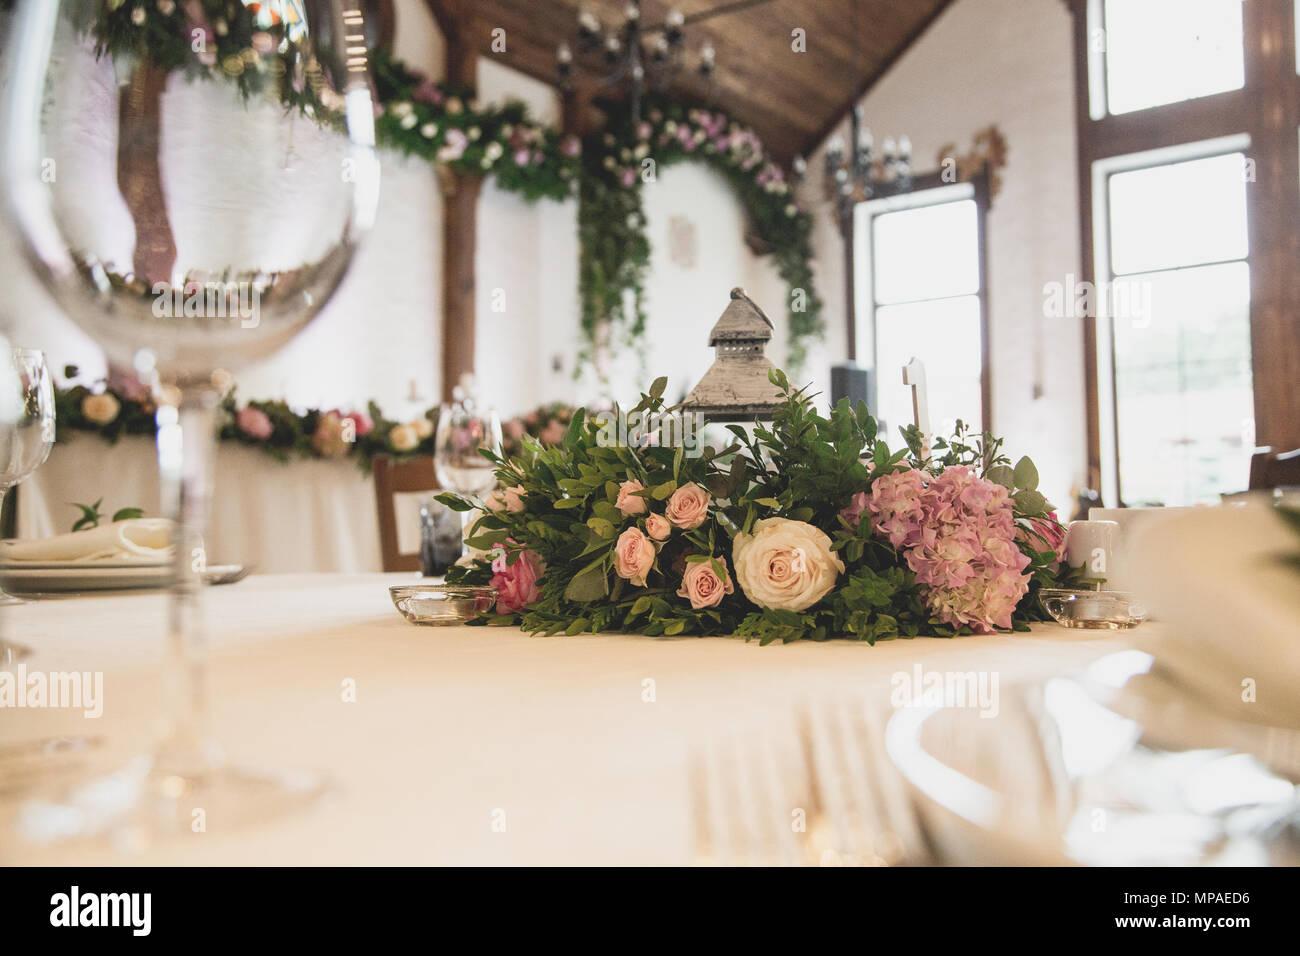 Luxus Hochzeit Dekoration Mit Blumen Und Glas Vasen Und Anzahl Der